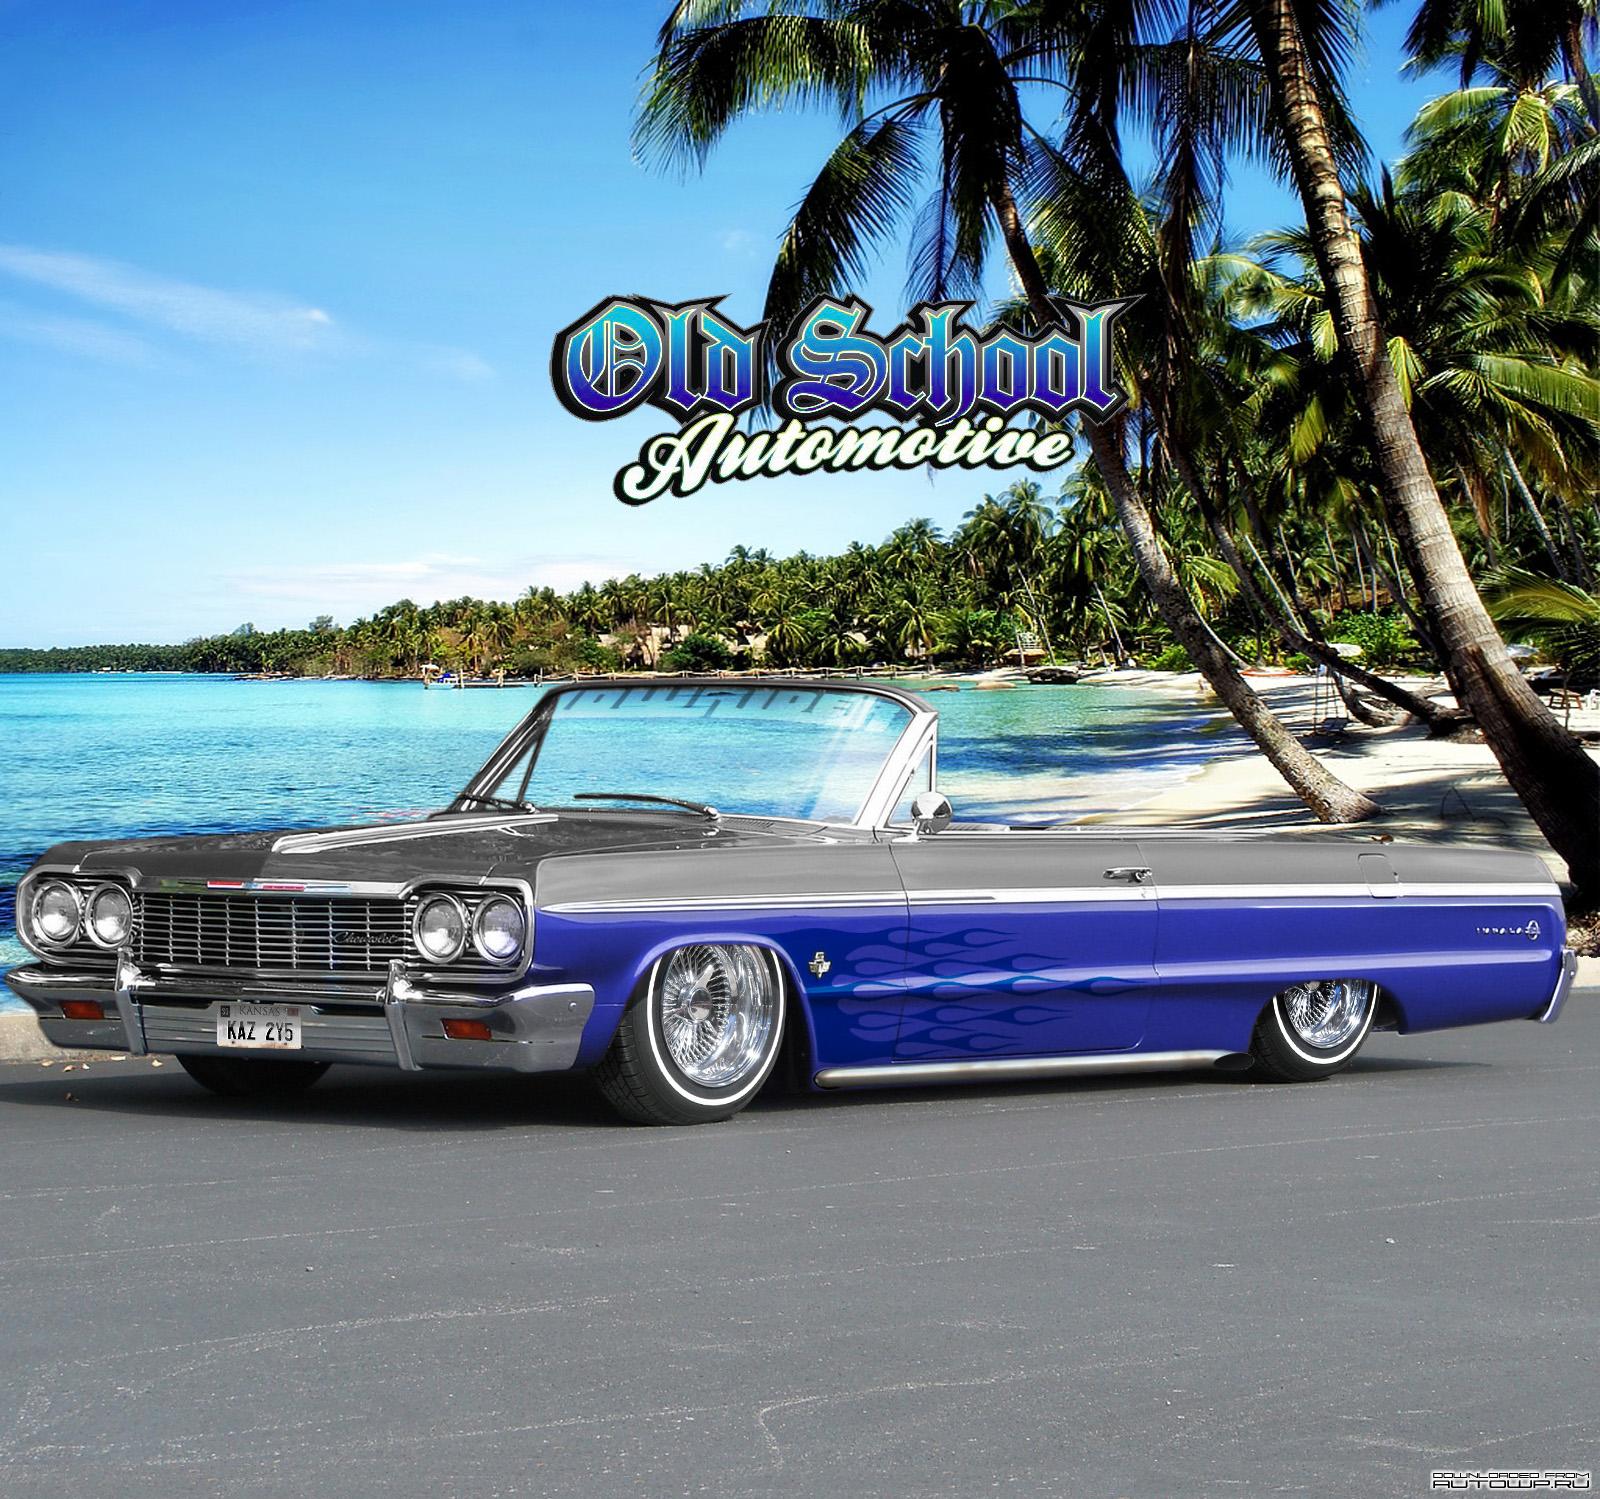 Chevrolet Car Wallpaper: 1964 Impala Lowrider Wallpaper